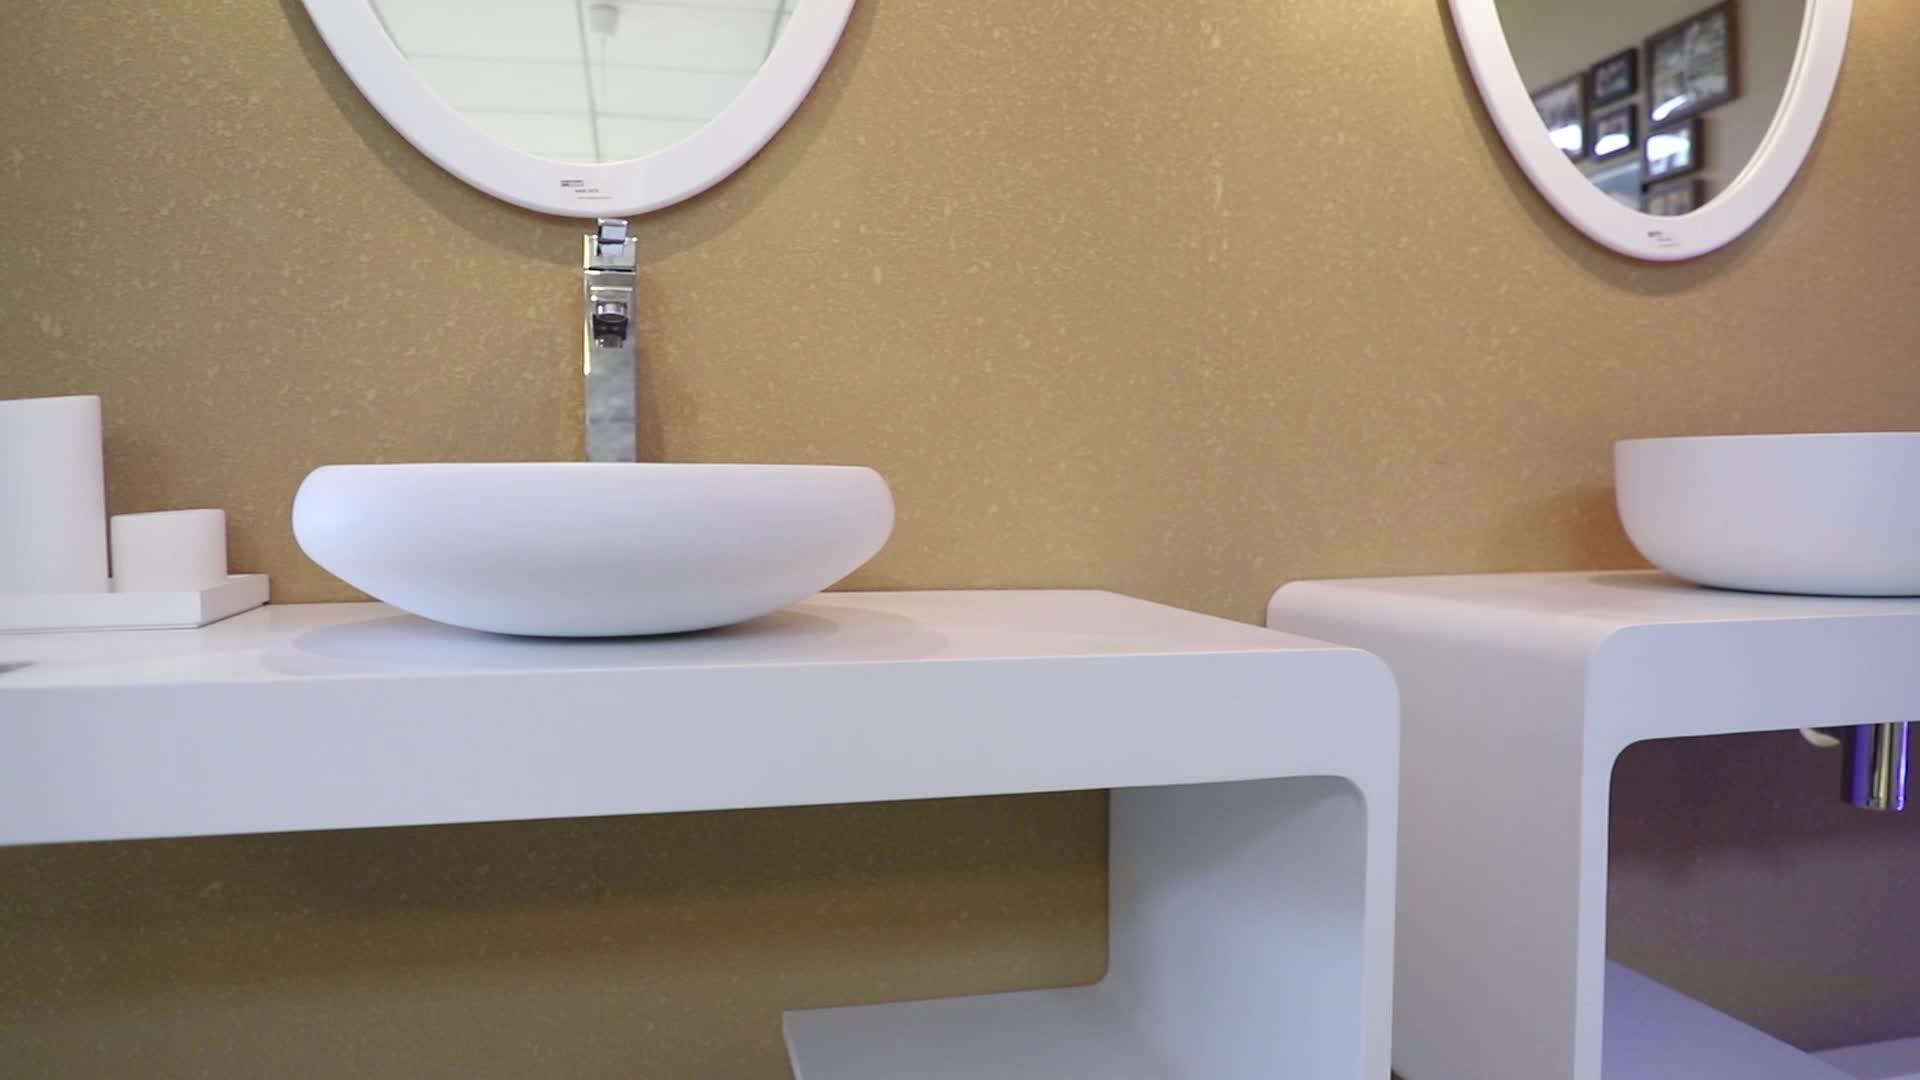 โรงแรม Smart LED กระจก frameless bath กระจกห้องน้ำกระจกเงาโรงงานขายส่ง